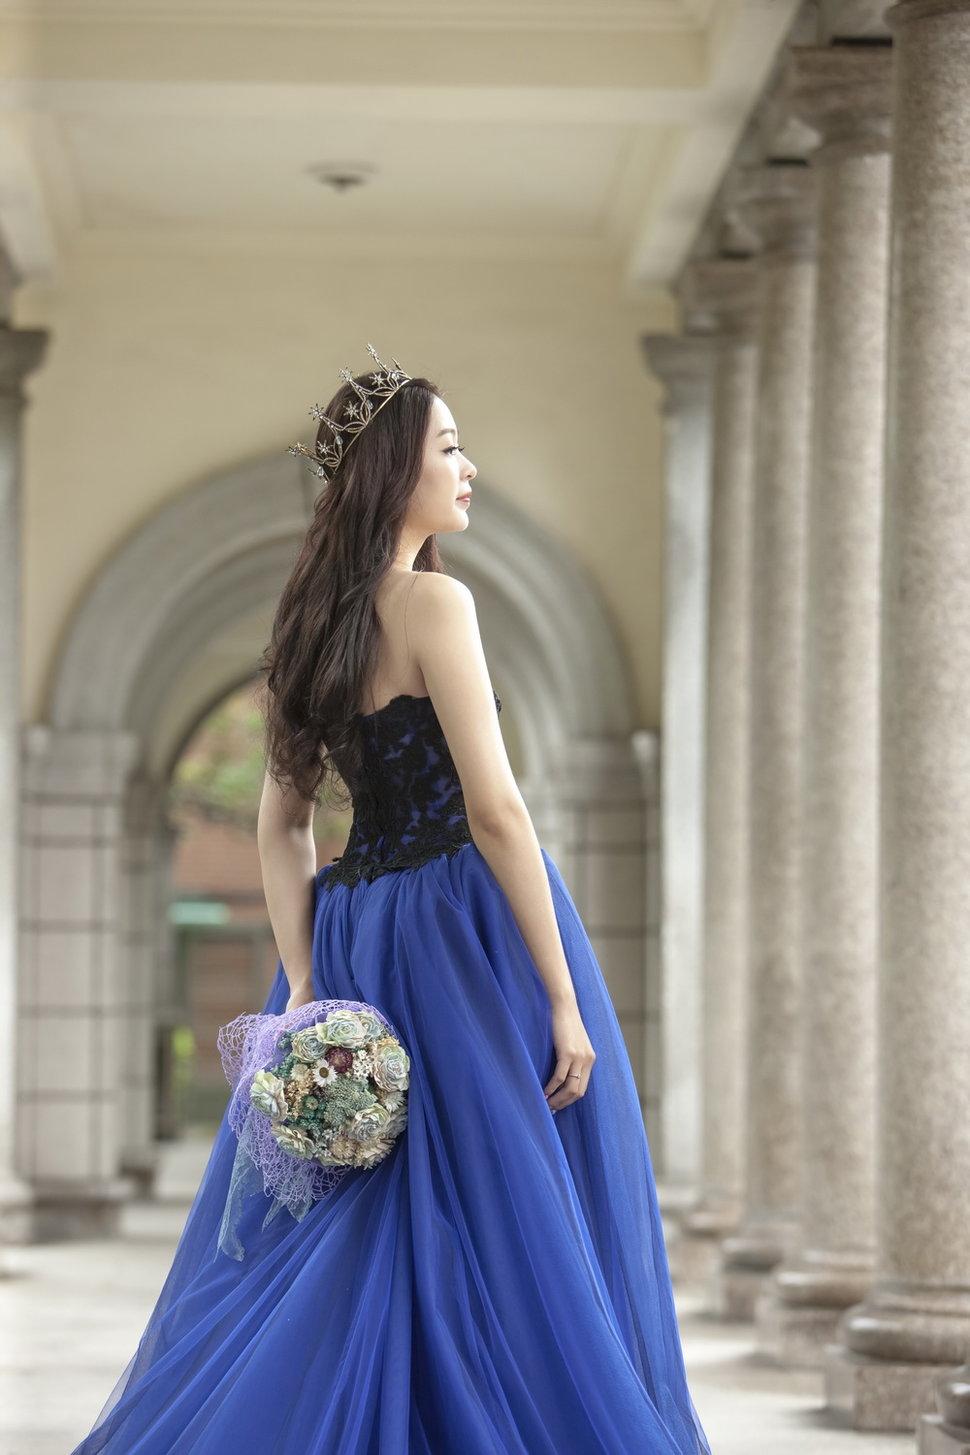 S_01 - Love.Mu冷沐婚紗攝影~藝術館《結婚吧》